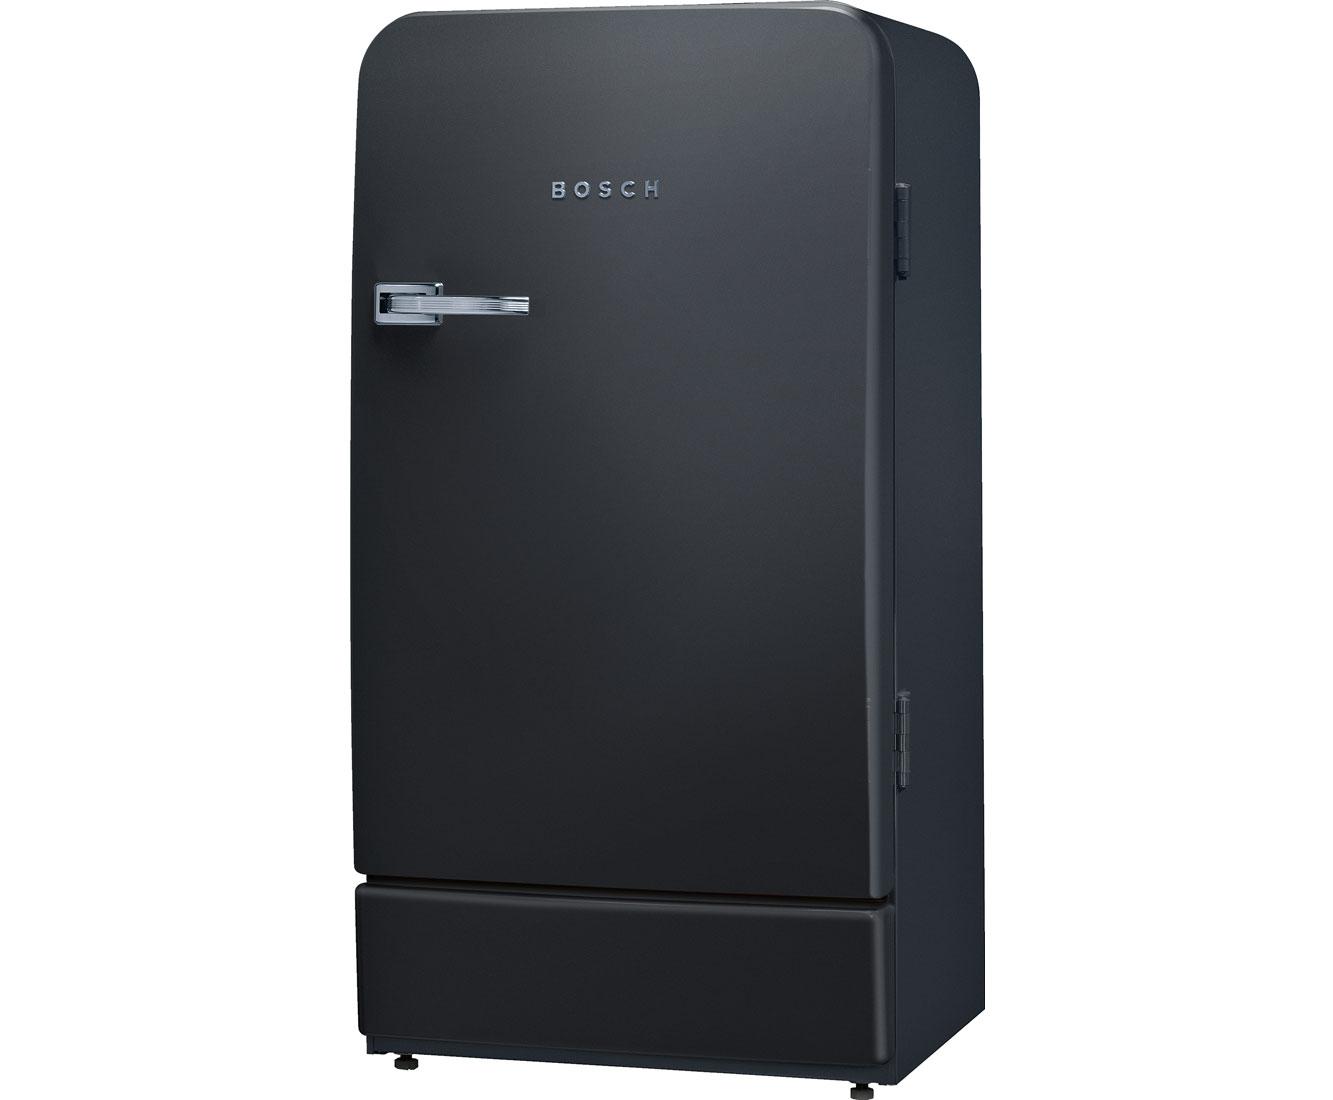 Kühlschrank Xxl Mit Gefrierfach : Rf hsesbsr kühlschrank mit french door samsung de